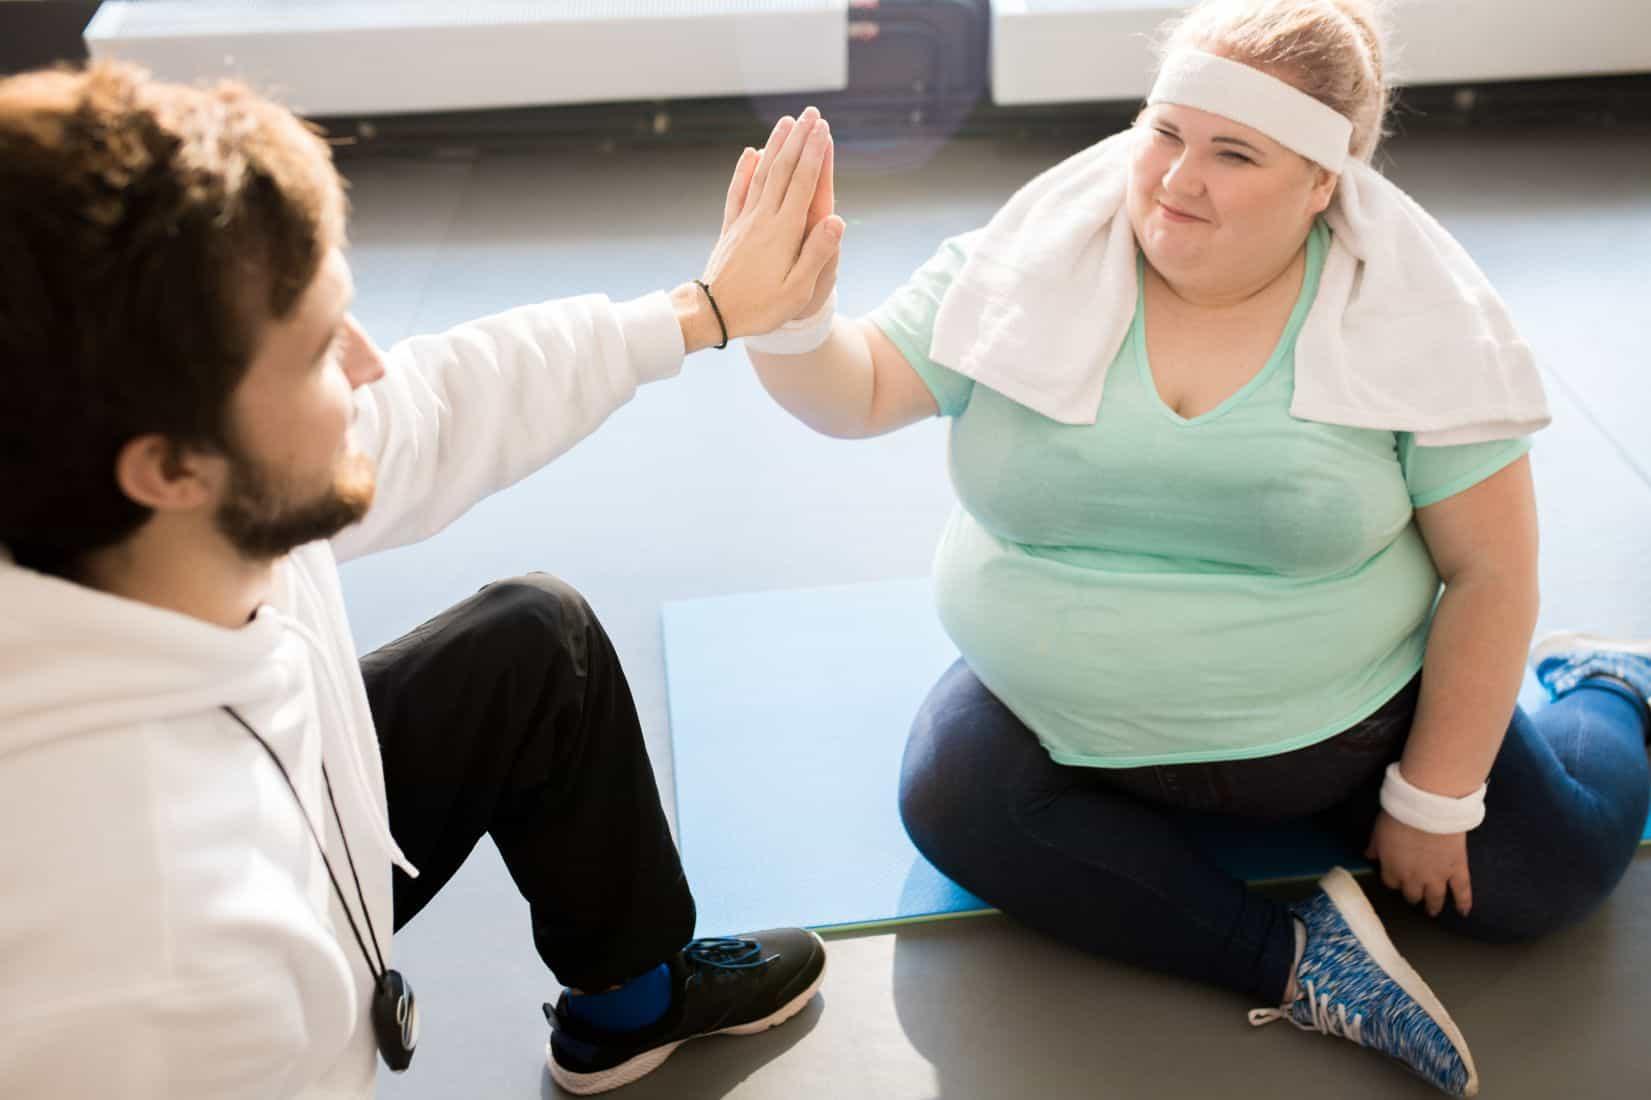 Yoga for Weight Loss - फिट रहने के लिए योगा